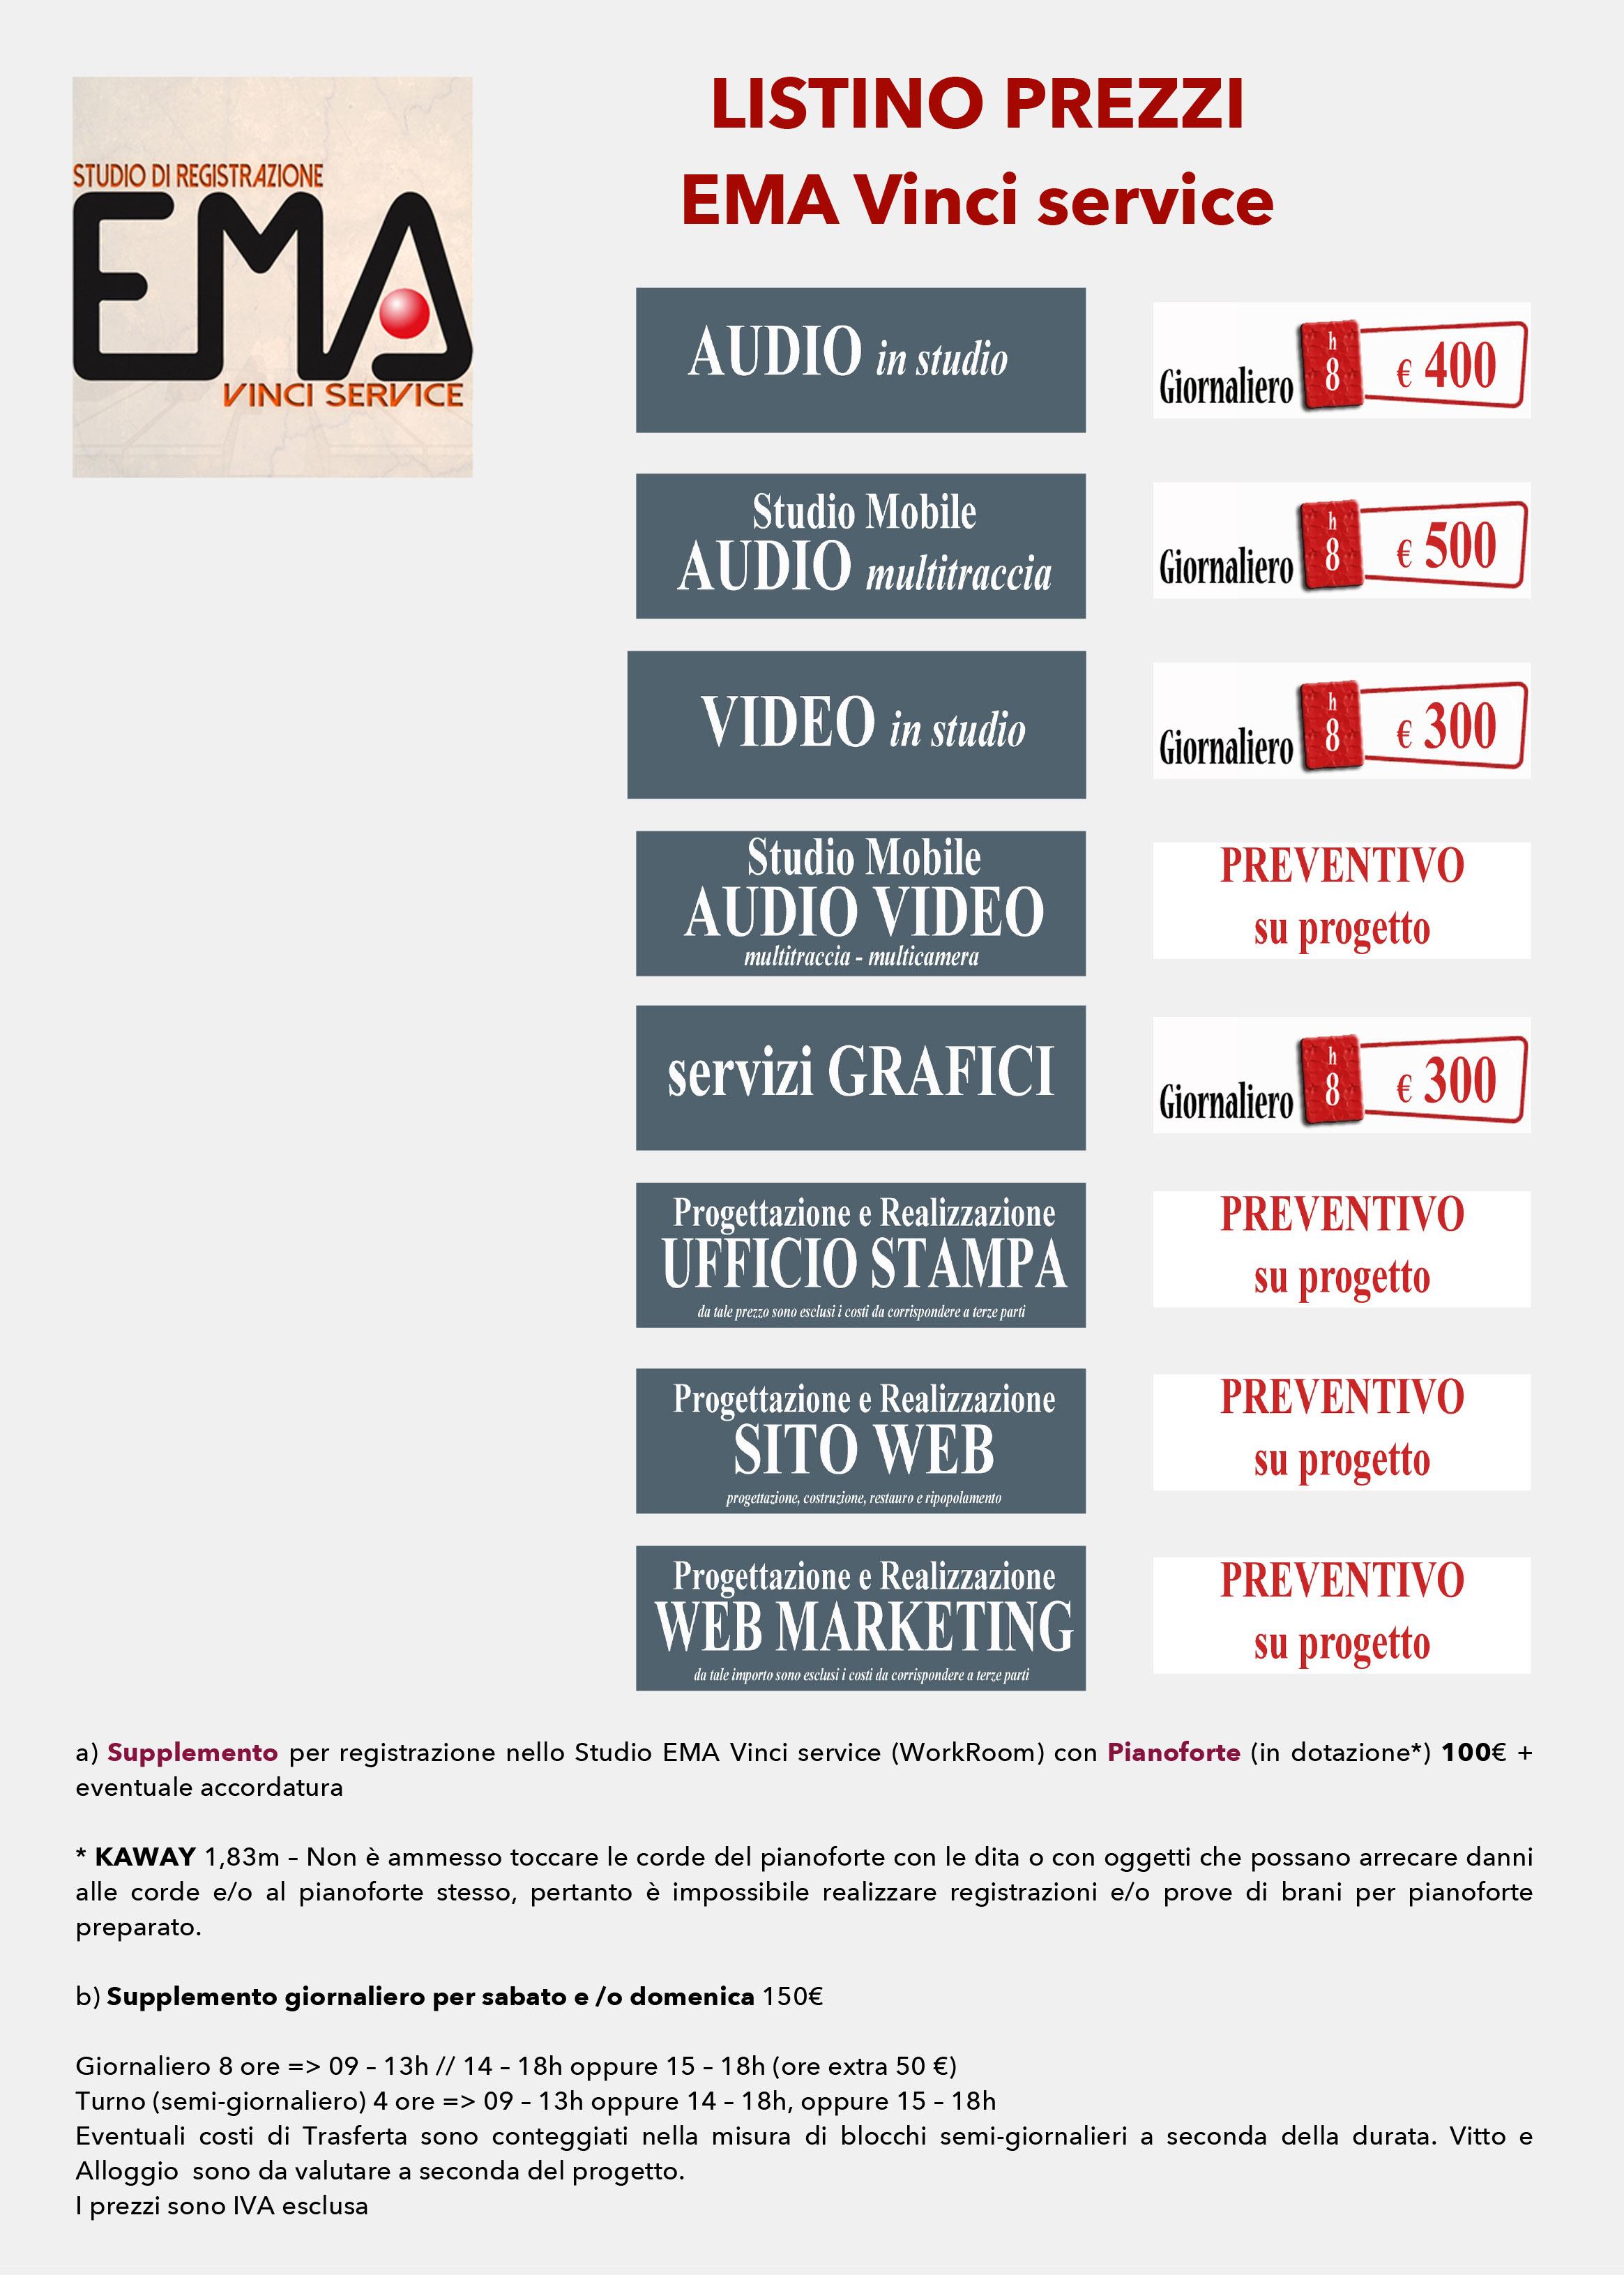 Listino prezzi ema vinci service for Listino prezzi presotto